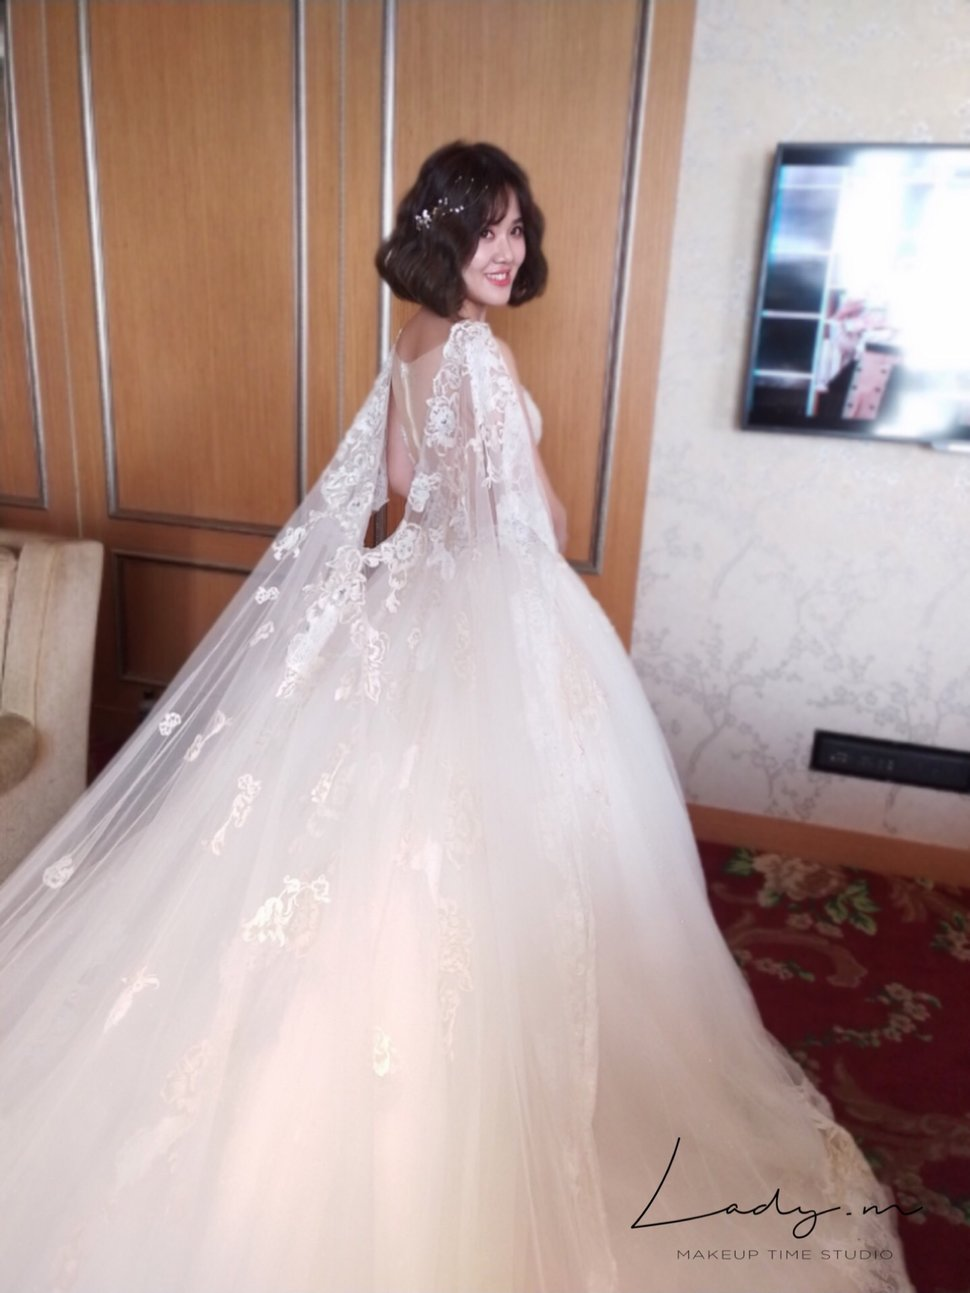 5BE7C0D2-0167-47A6-8BBB-F45A6A5CF4F0 - LadyM化妝時間•Mia makeup《結婚吧》